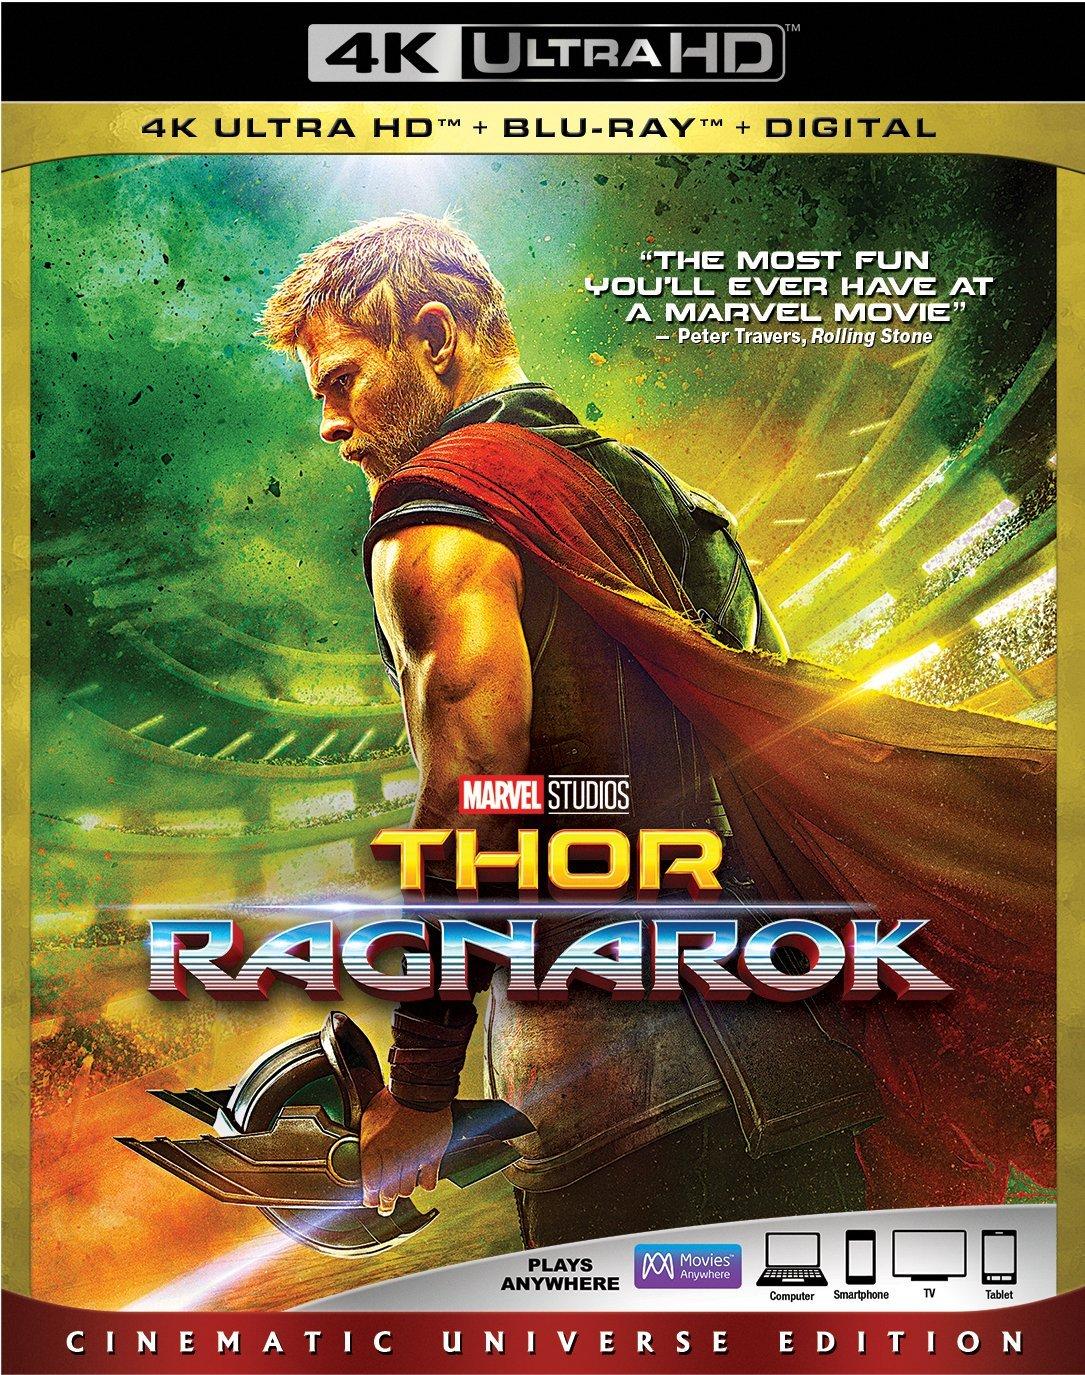 Thor-Ragnarok-4K-Ultra-HD-Bluray-Marvel-Studios